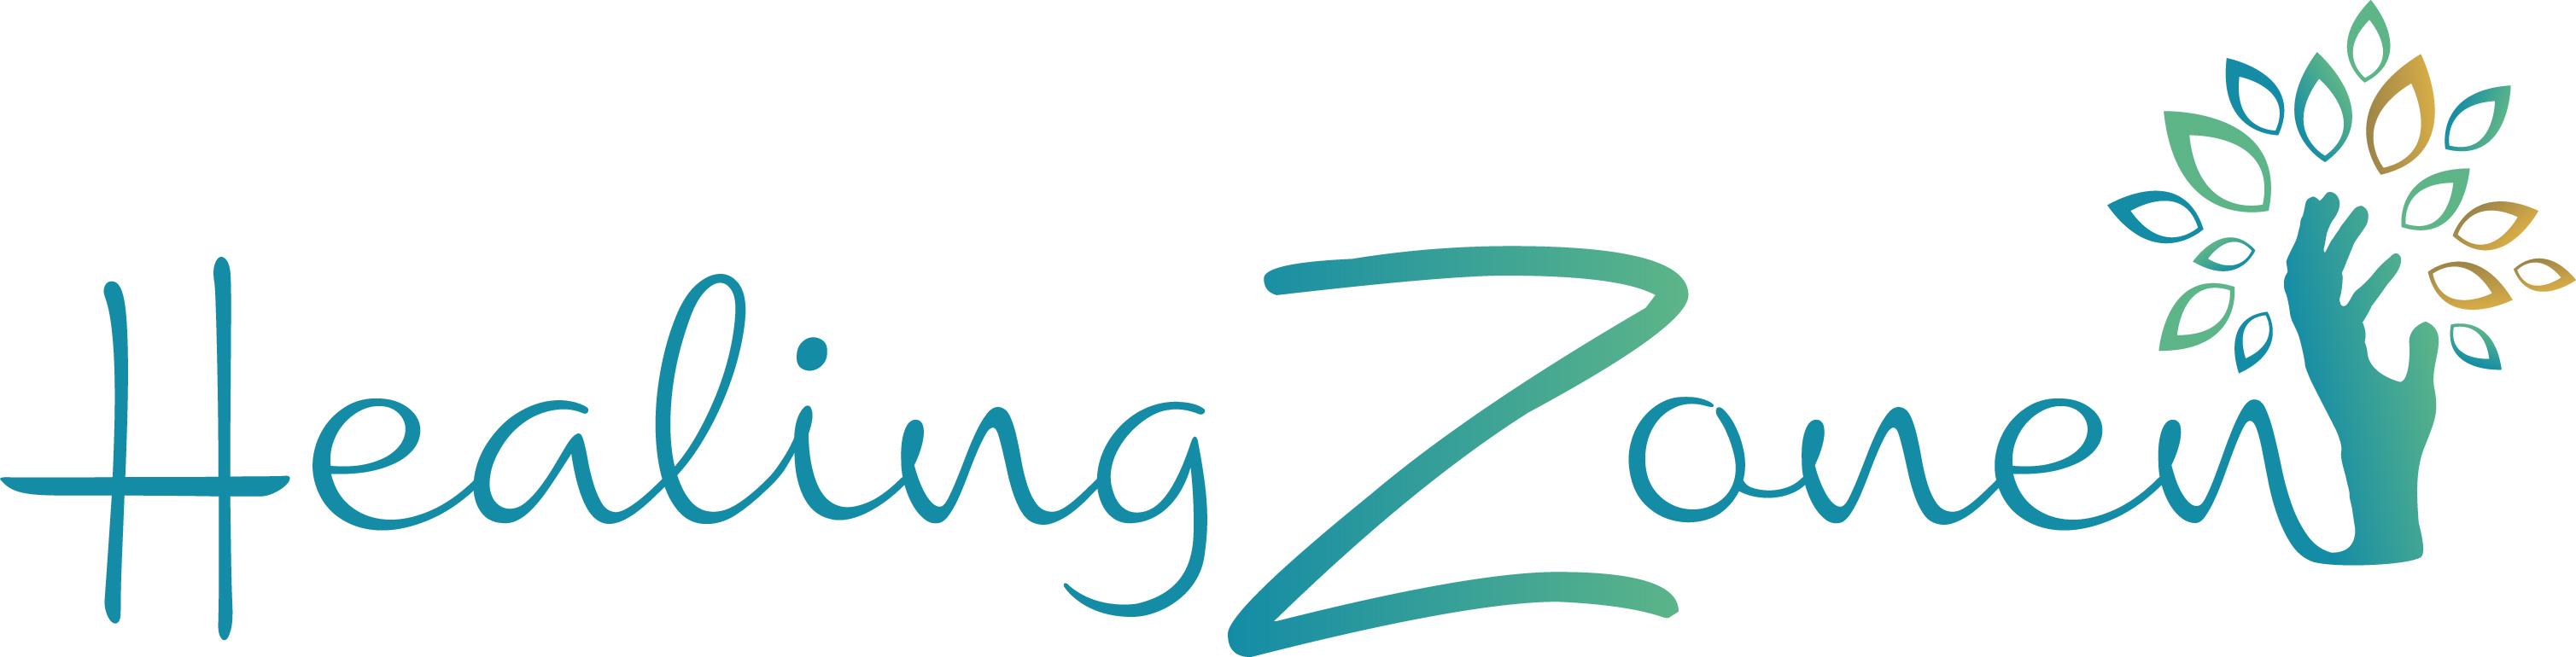 HealingZonen